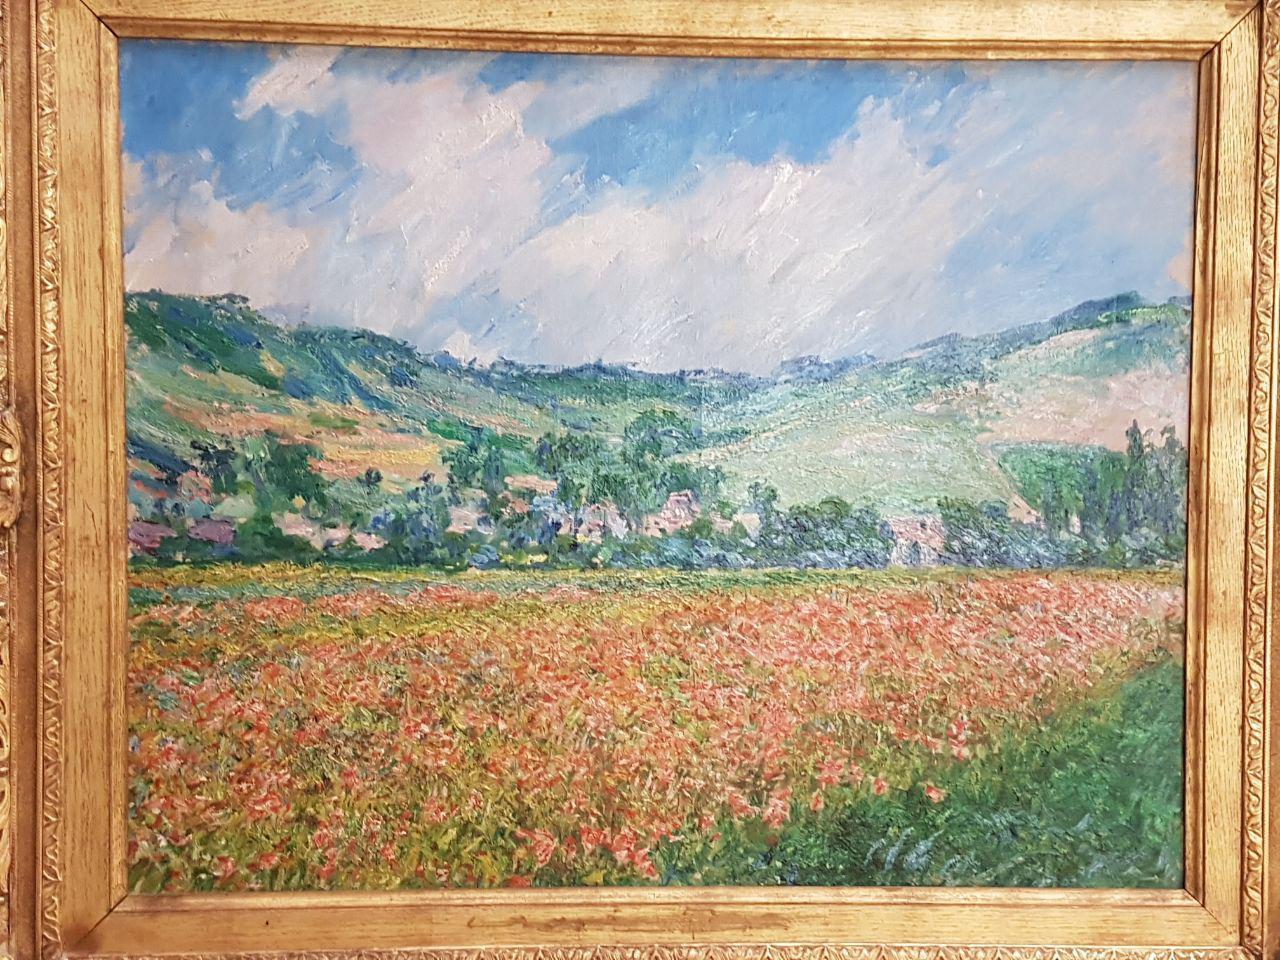 שדה הפרגים של מונה, במוזיאון לאמנות יפה ברואן (צילום: אחיה ראב